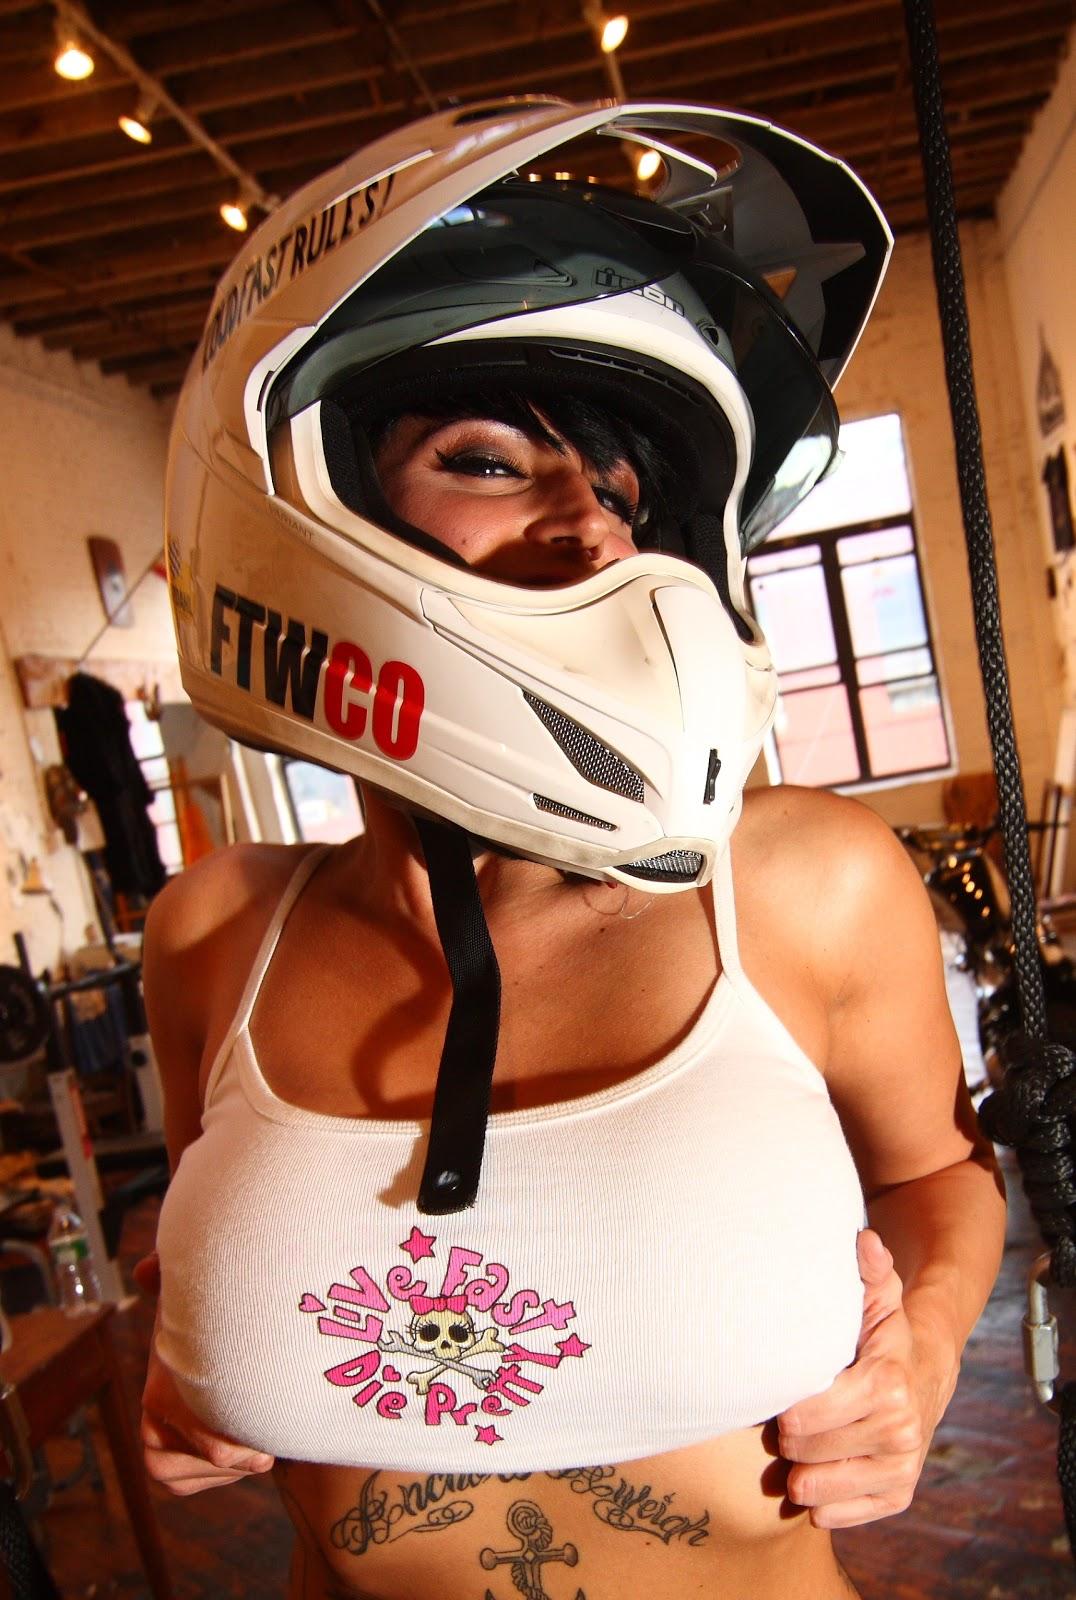 http://2.bp.blogspot.com/_9FNAlMtMgF4/TPQ3Rq3-ekI/AAAAAAAADgg/xGPpAquLYtw/s1600/Sadie%2BVariant.jpg